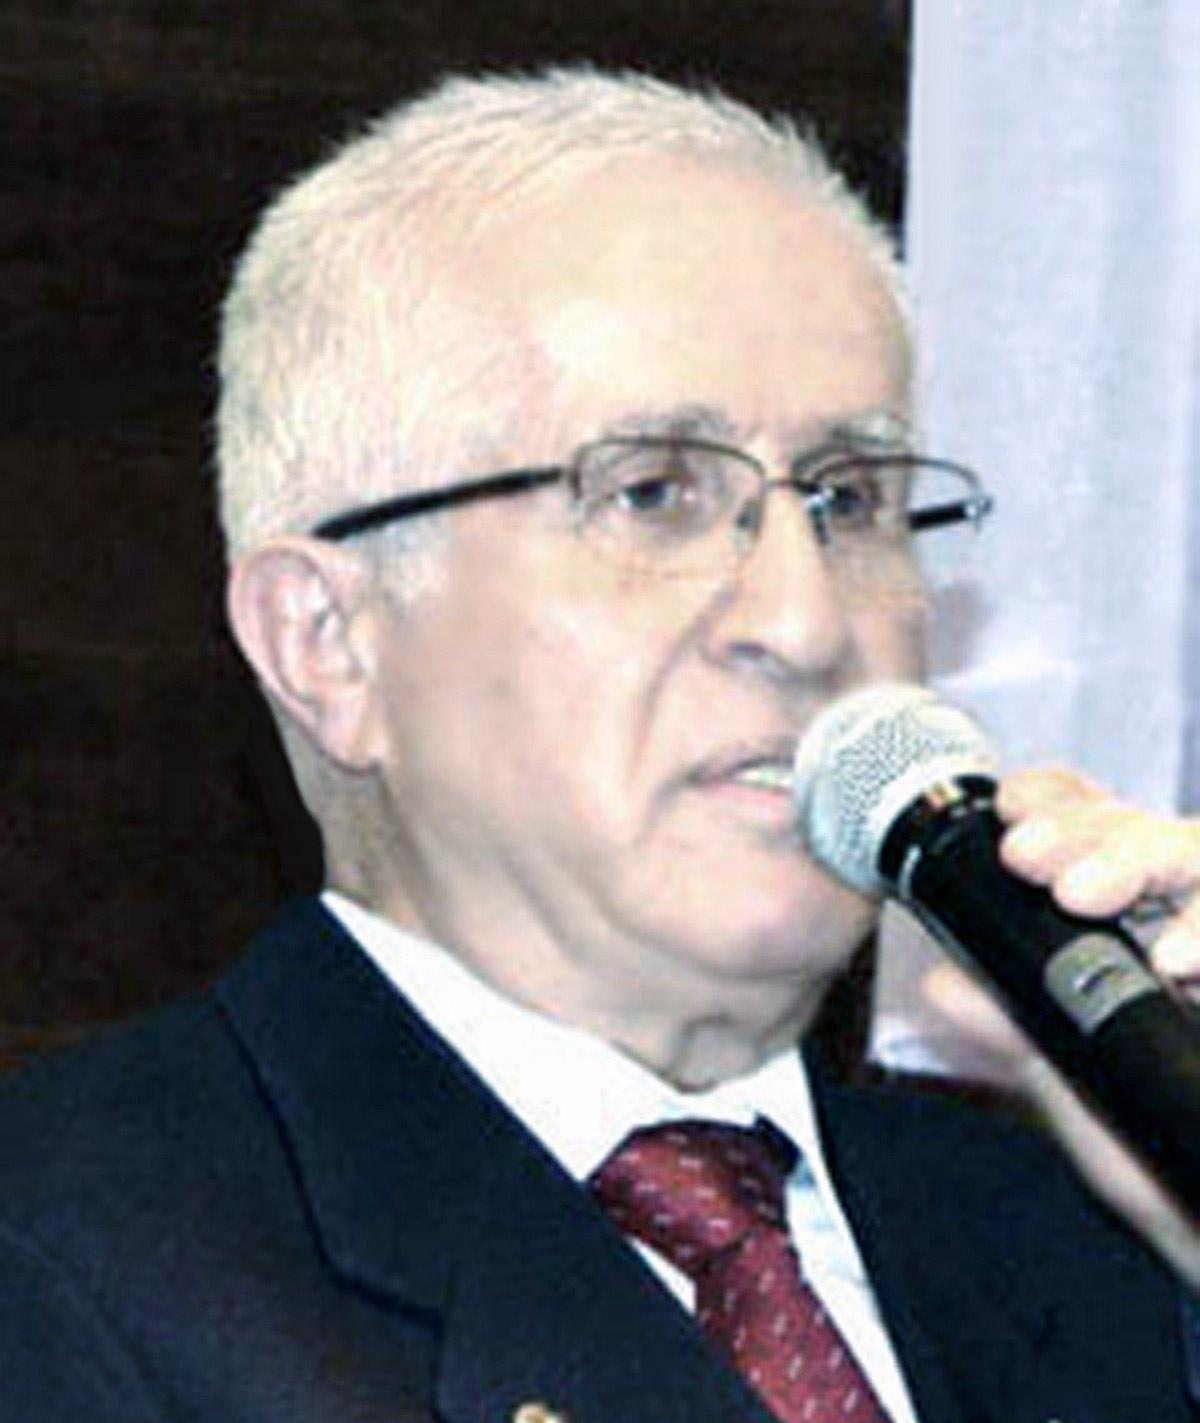 Türk sanat müziği bestekârı Gündoğdu Duran hayatını kaybetti